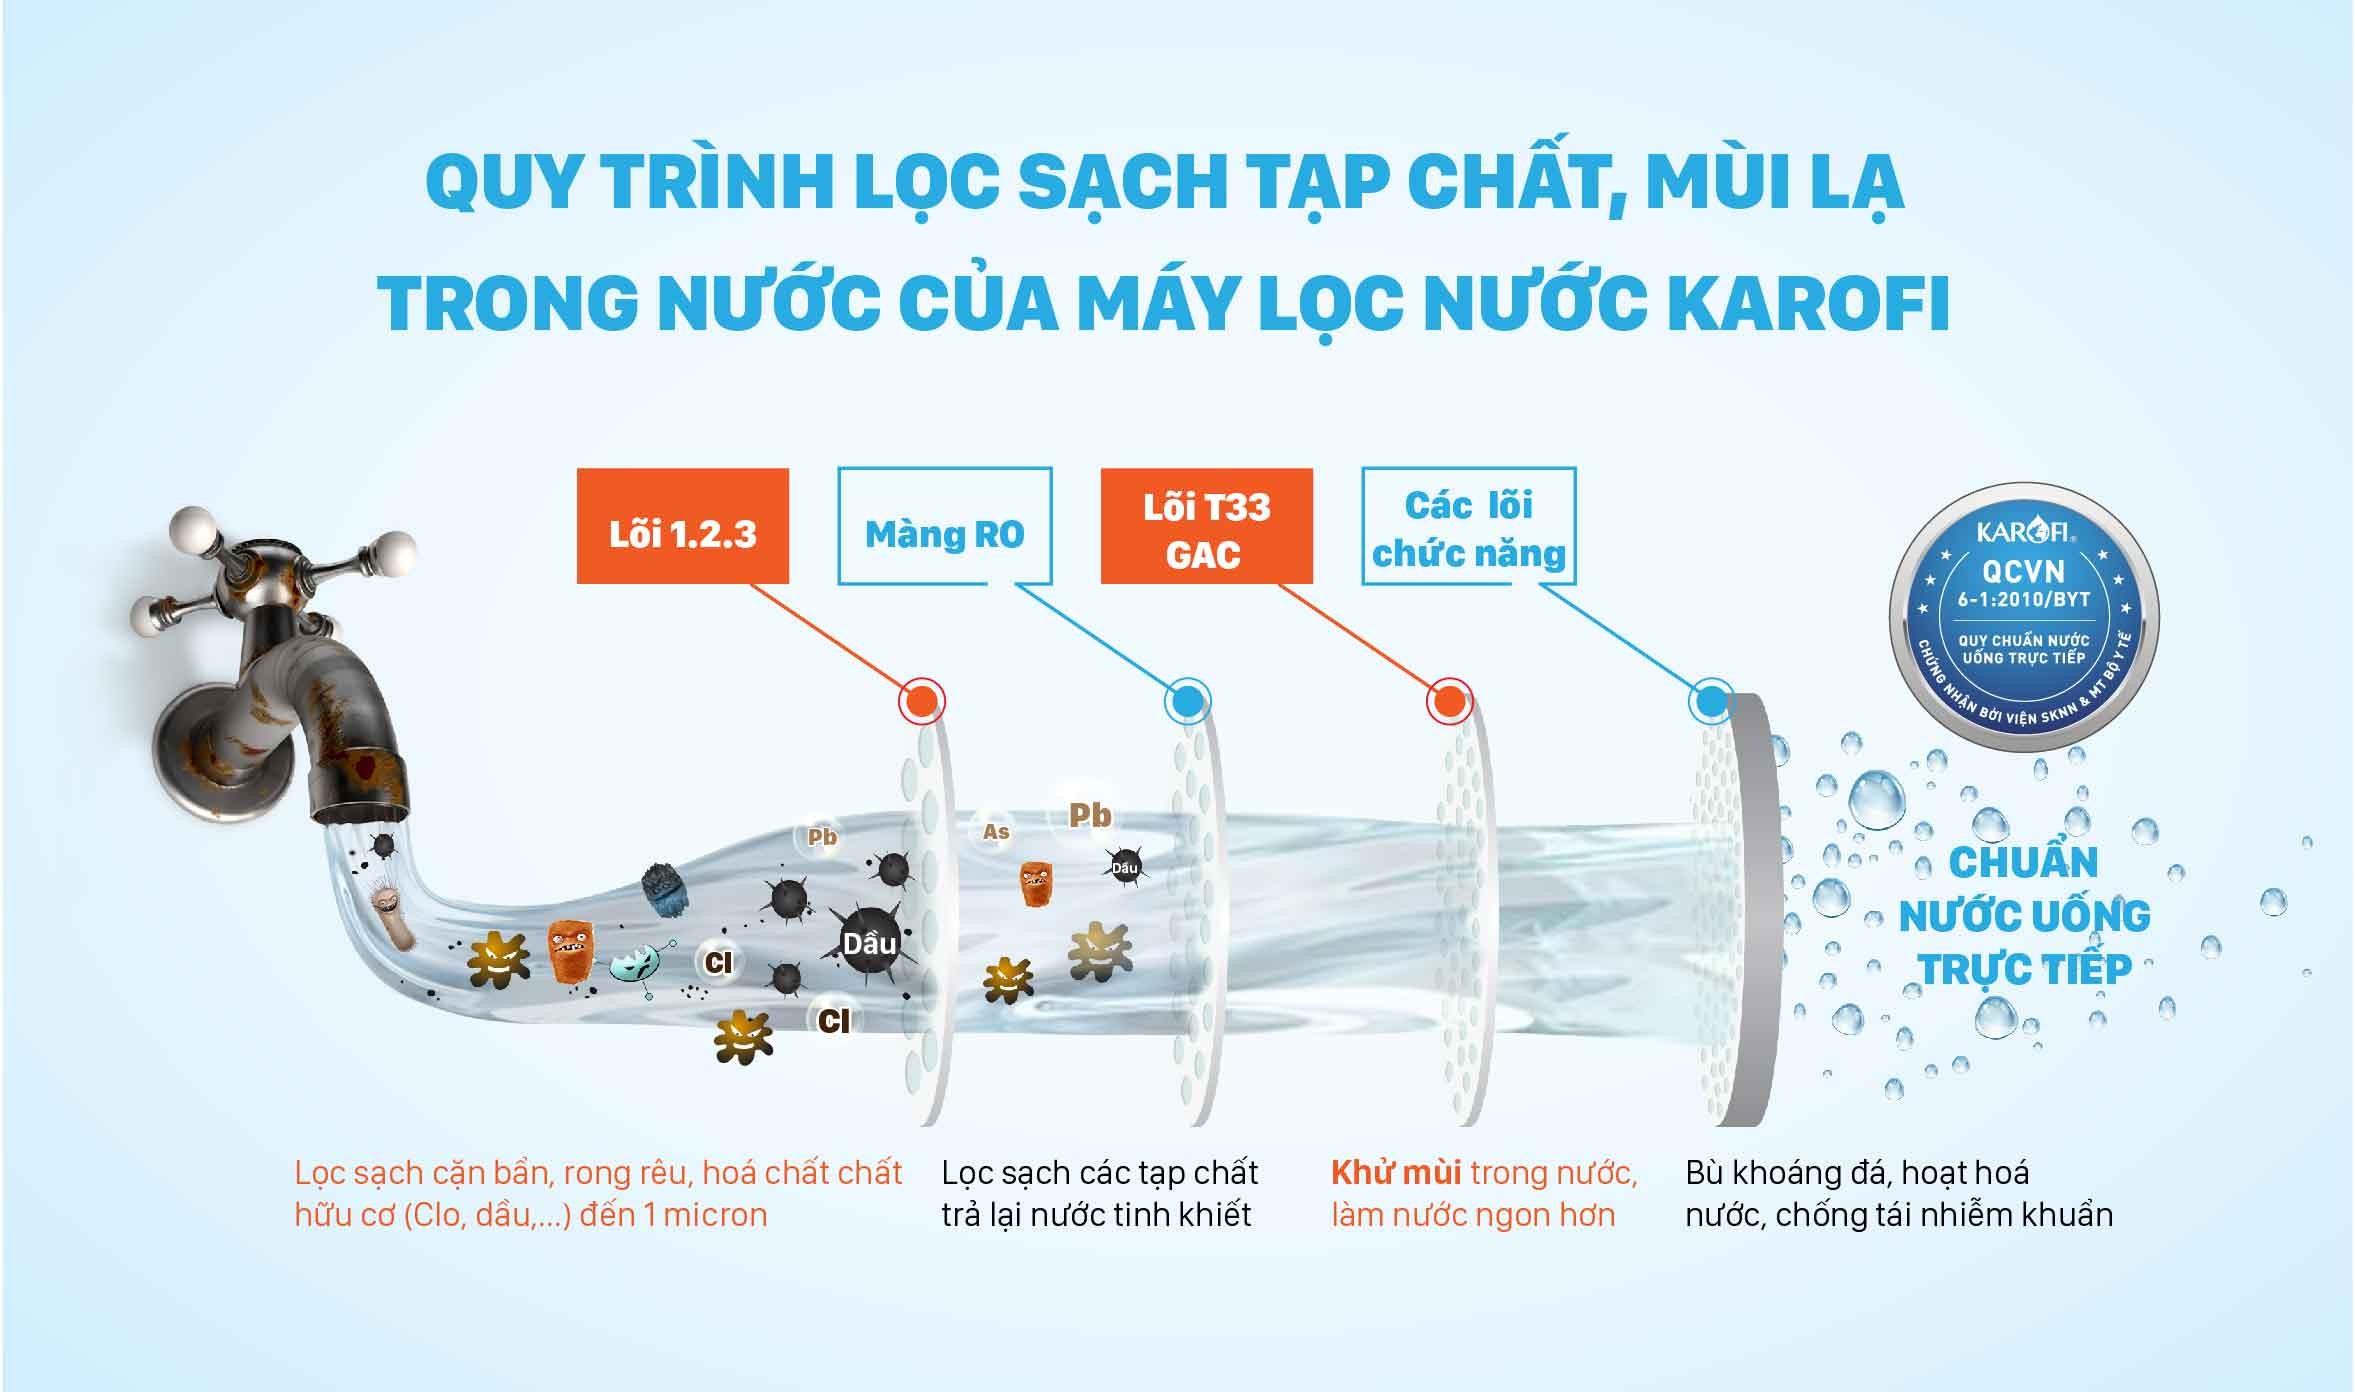 cong-nghe-loc-may-loc-nuoc-karofi-new